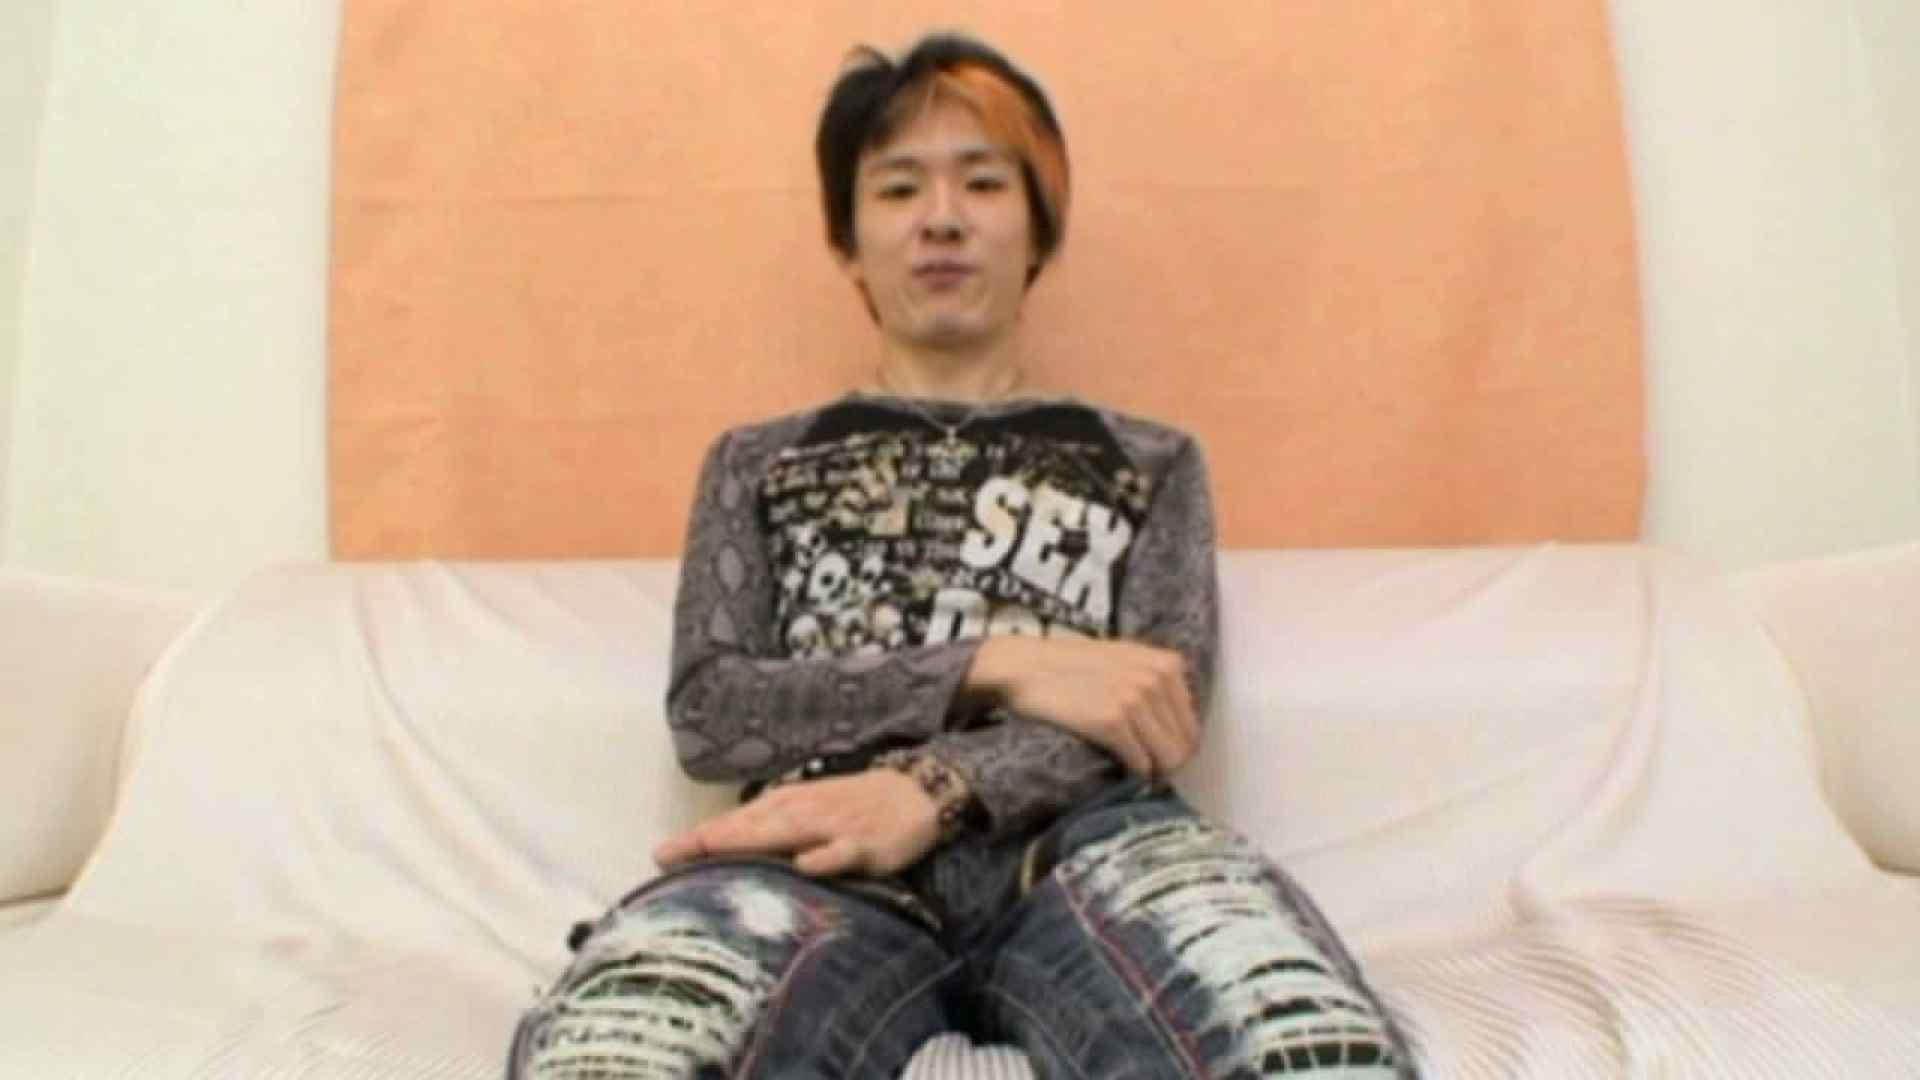 ノンケ!自慰スタジオ No.12 オナニー | ゲイの自慰 アダルトビデオ画像キャプチャ 102pic 56